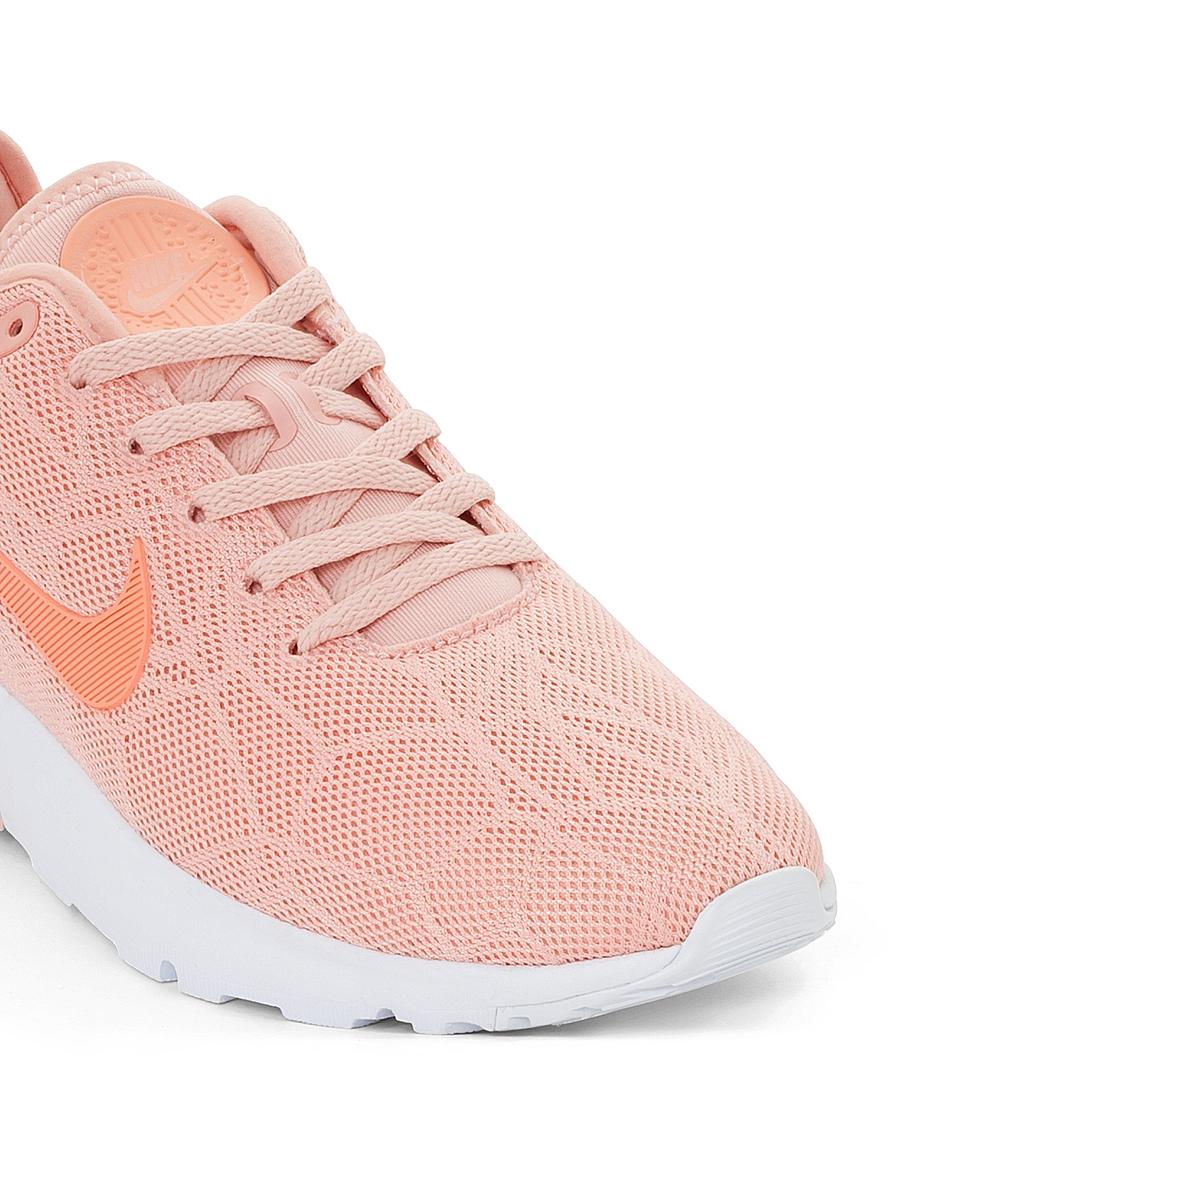 Imagen secundaria de producto de Zapatillas Ld Runner Lw - Nike